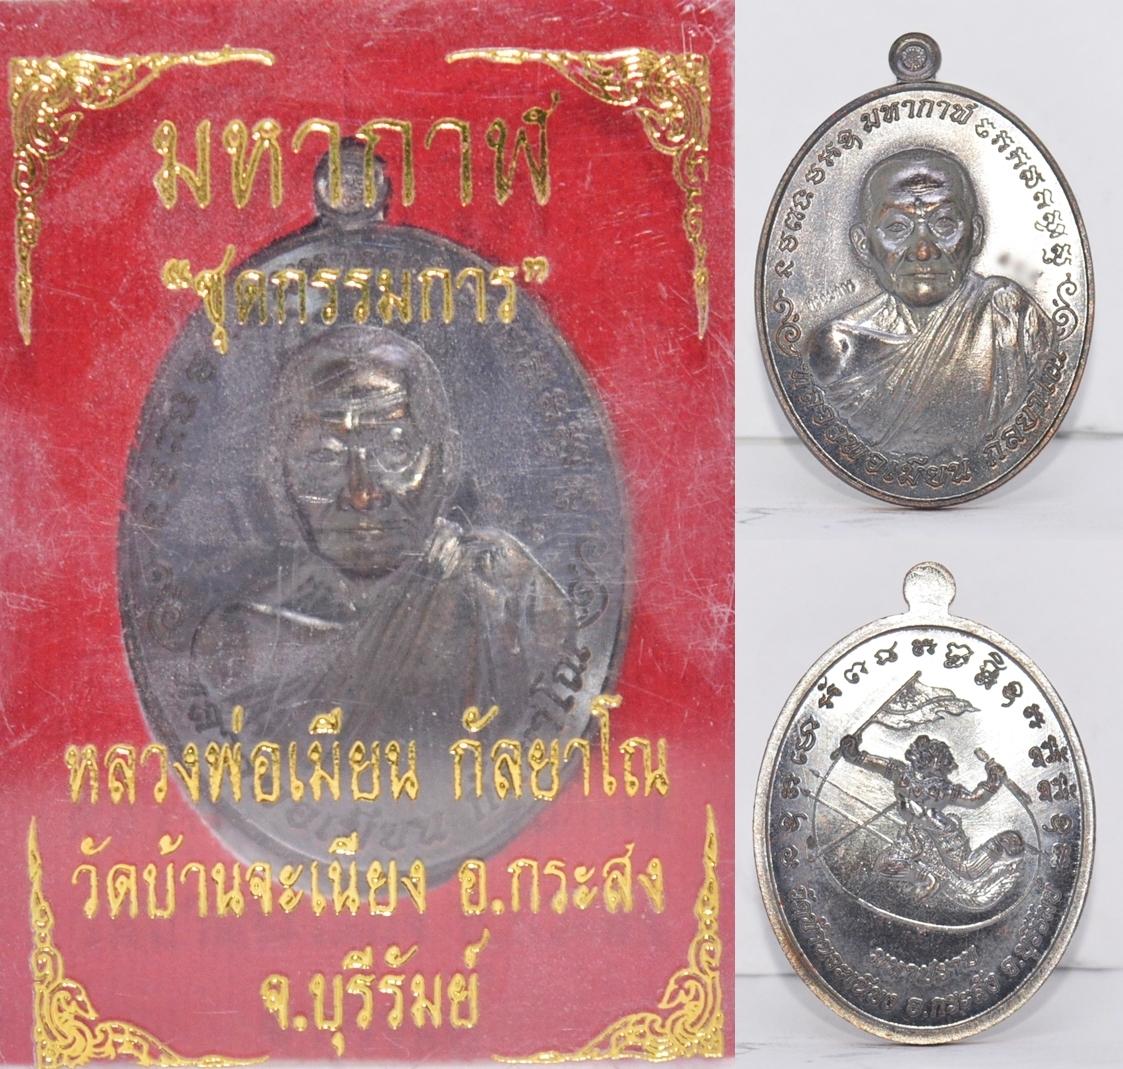 เหรียญ เนื้อทองแดงรมดำ รุ่นมหากาฬ หลวงพ่อเมียน วัดบ้านจะเนียง 2557